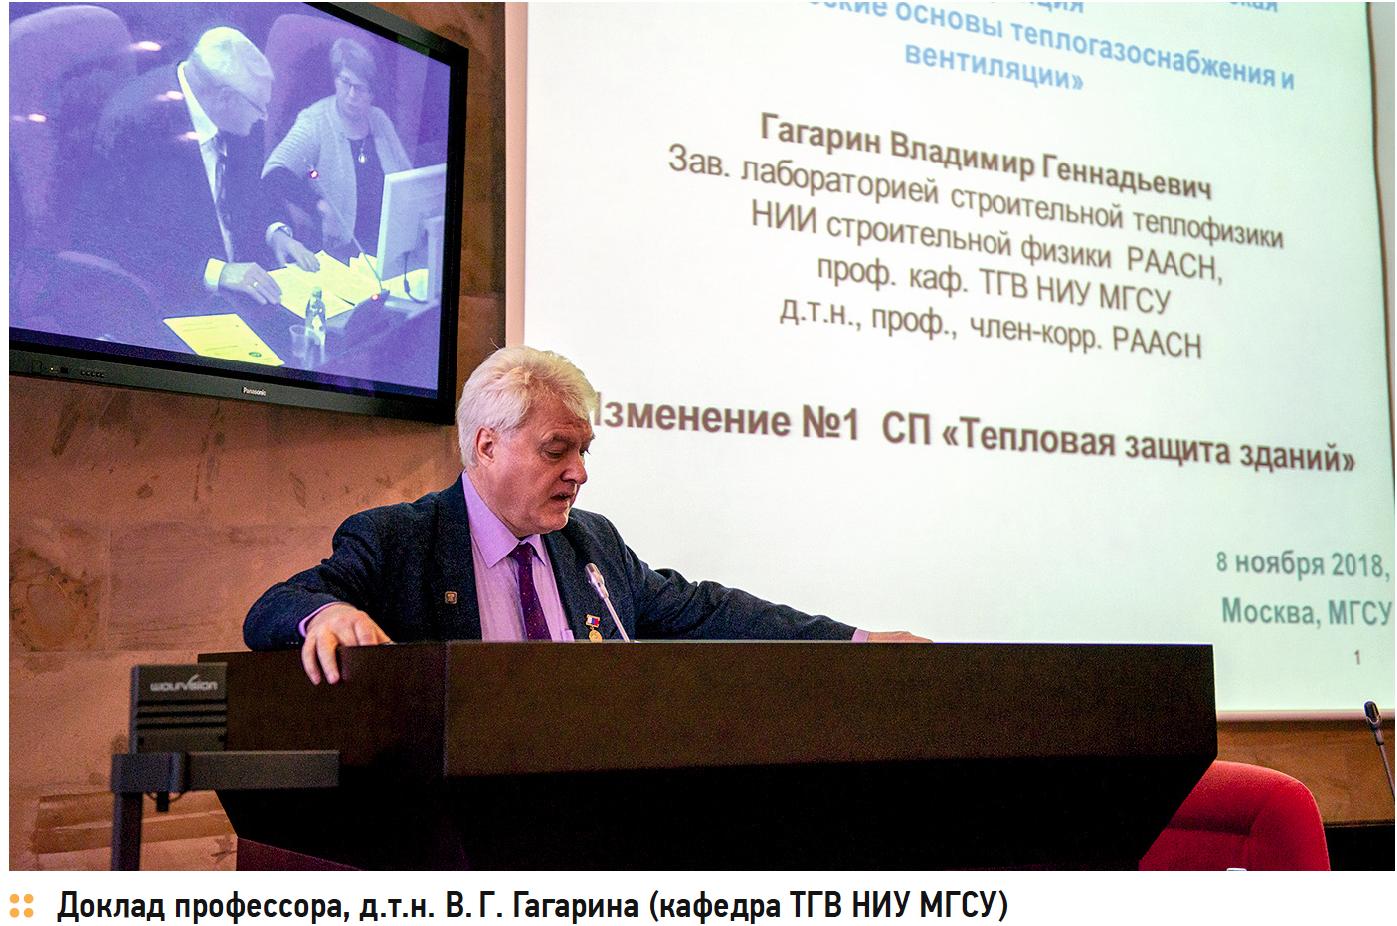 Доклад профессора, д.т.н. В. Г. Гагарина (кафедра ТГВ НИУ МГСУ)